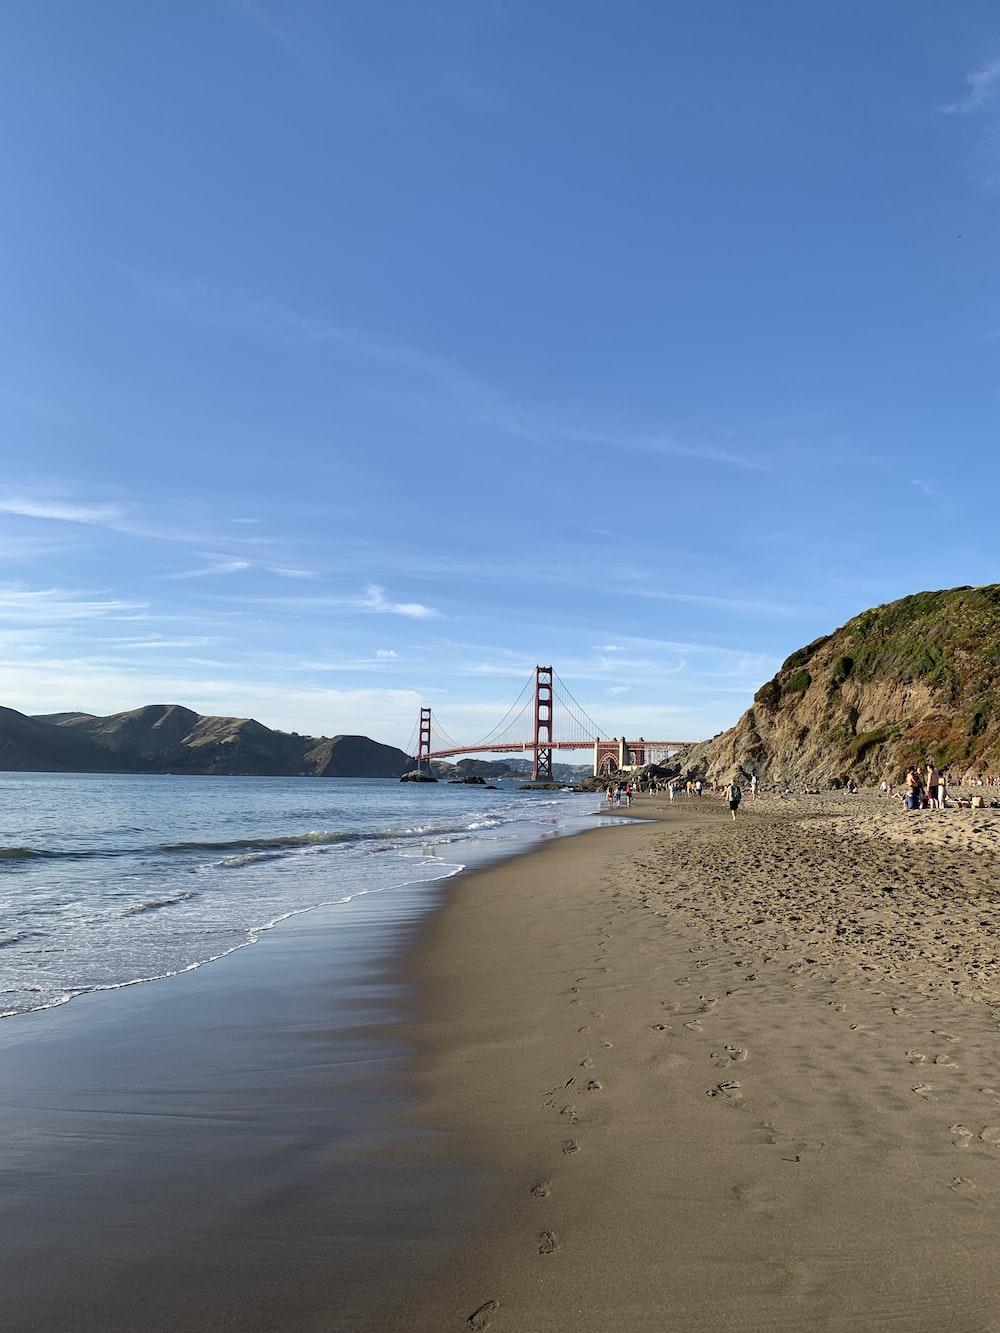 Golden Gate Bridge under blue and white skies